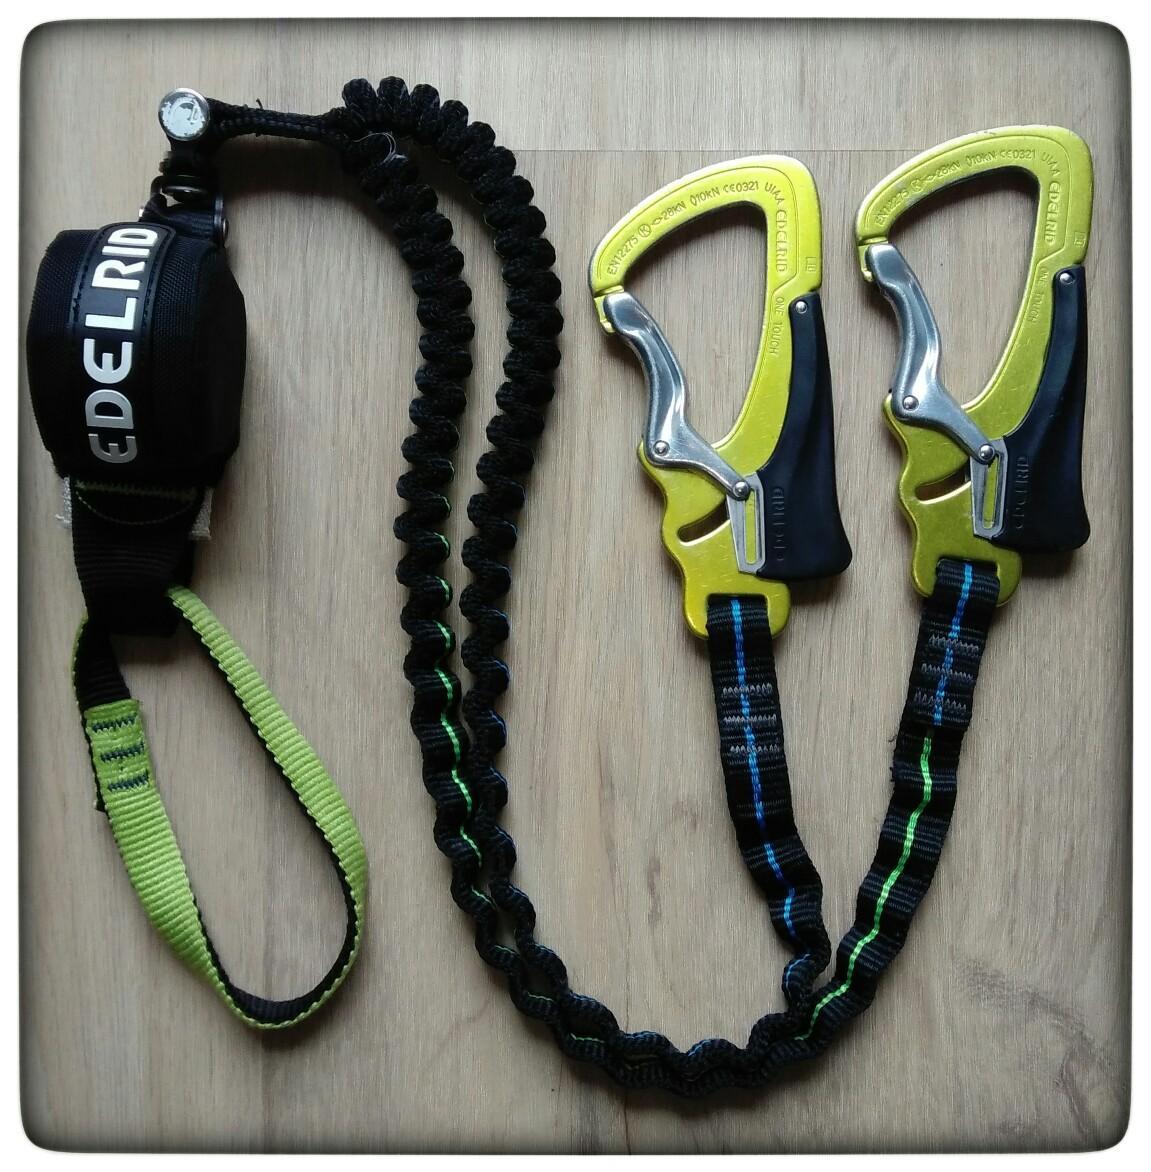 Klettersteig Set Gebraucht : Edelrid cable comfort klettersteigset top eur